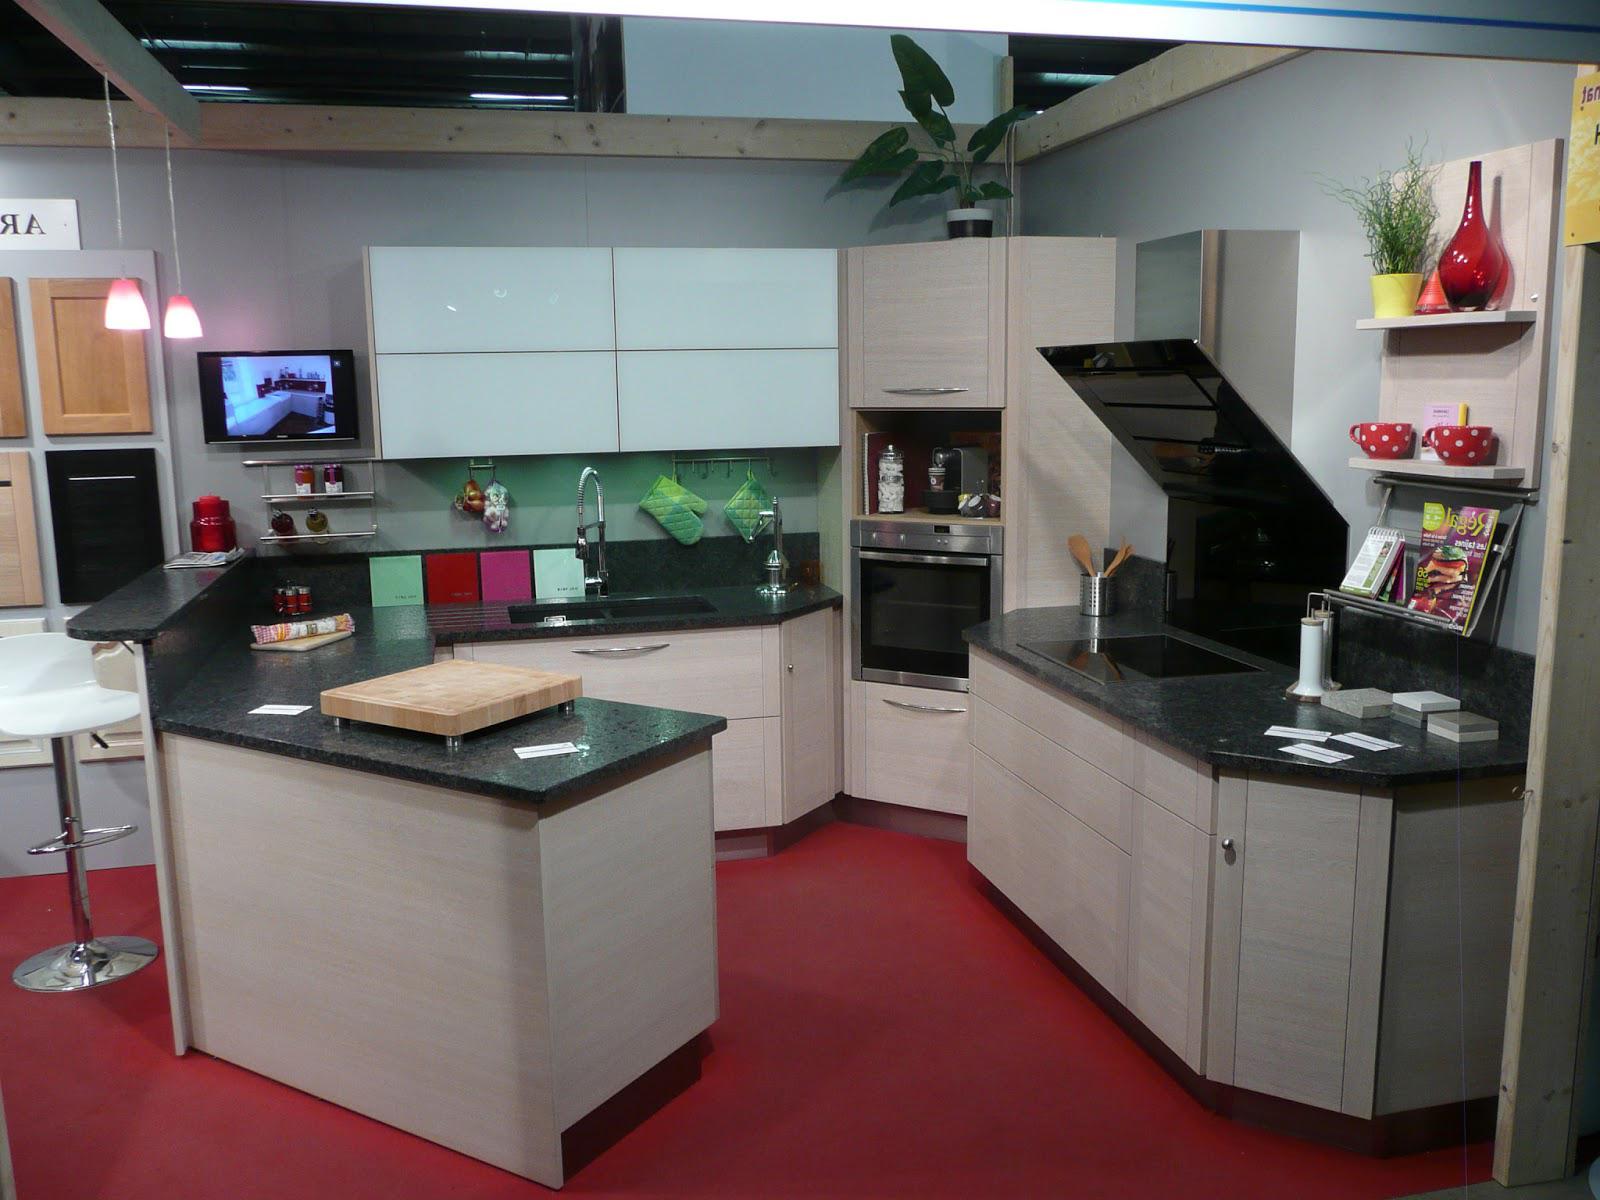 meuble d 39 angle four cuisine lille maison. Black Bedroom Furniture Sets. Home Design Ideas